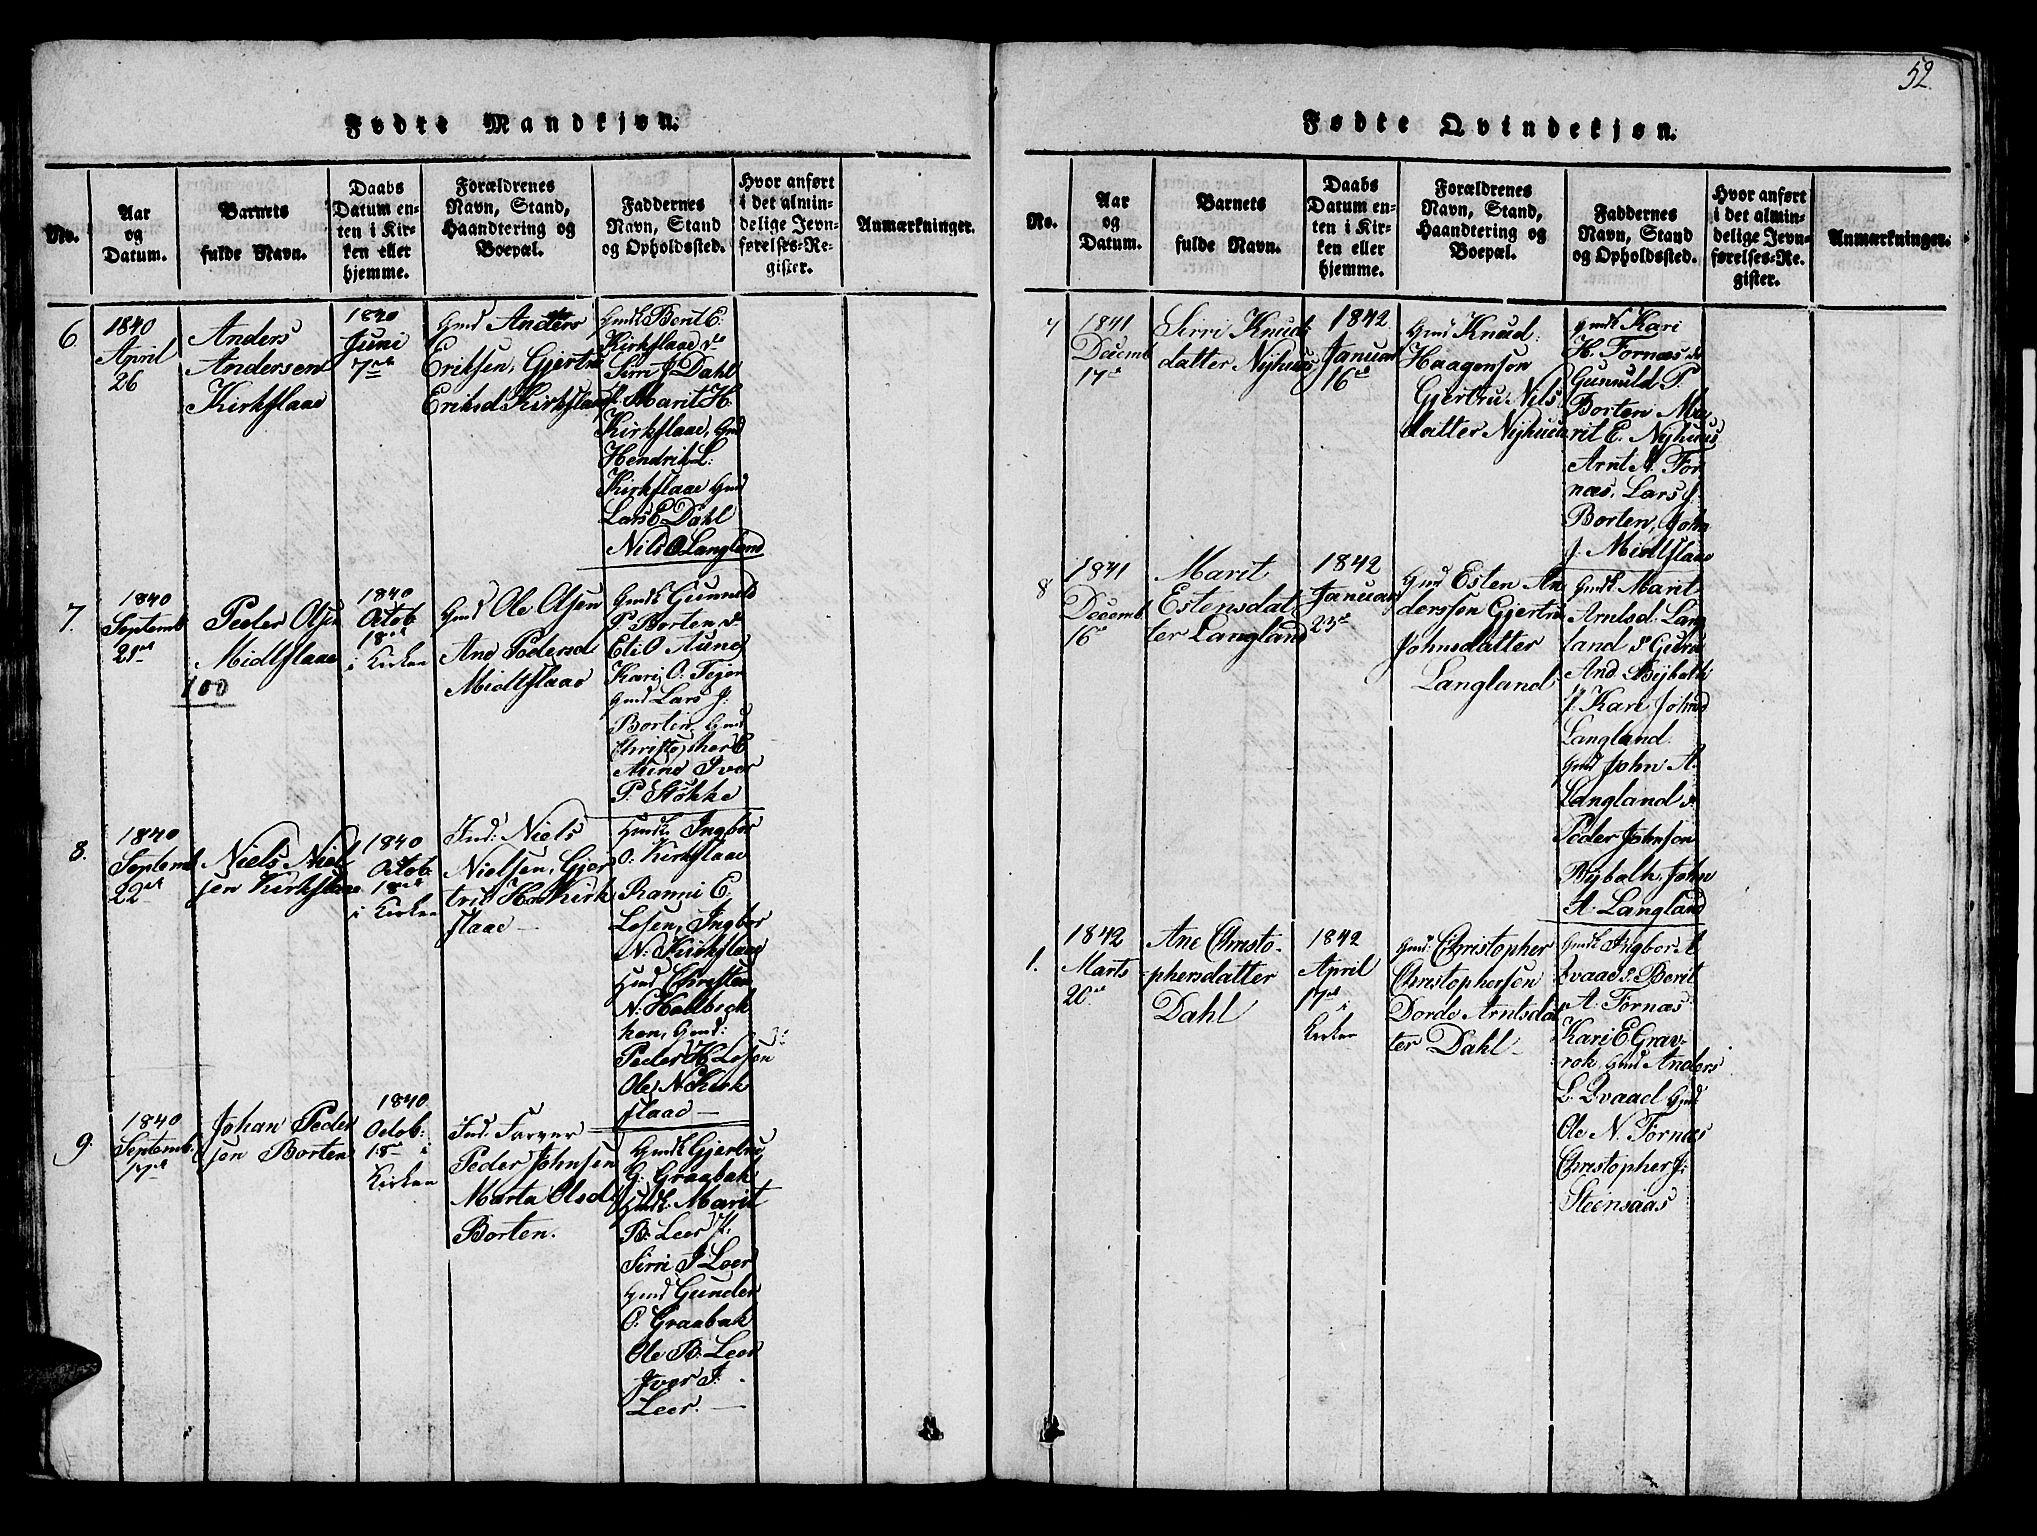 SAT, Ministerialprotokoller, klokkerbøker og fødselsregistre - Sør-Trøndelag, 693/L1121: Klokkerbok nr. 693C02, 1816-1869, s. 52